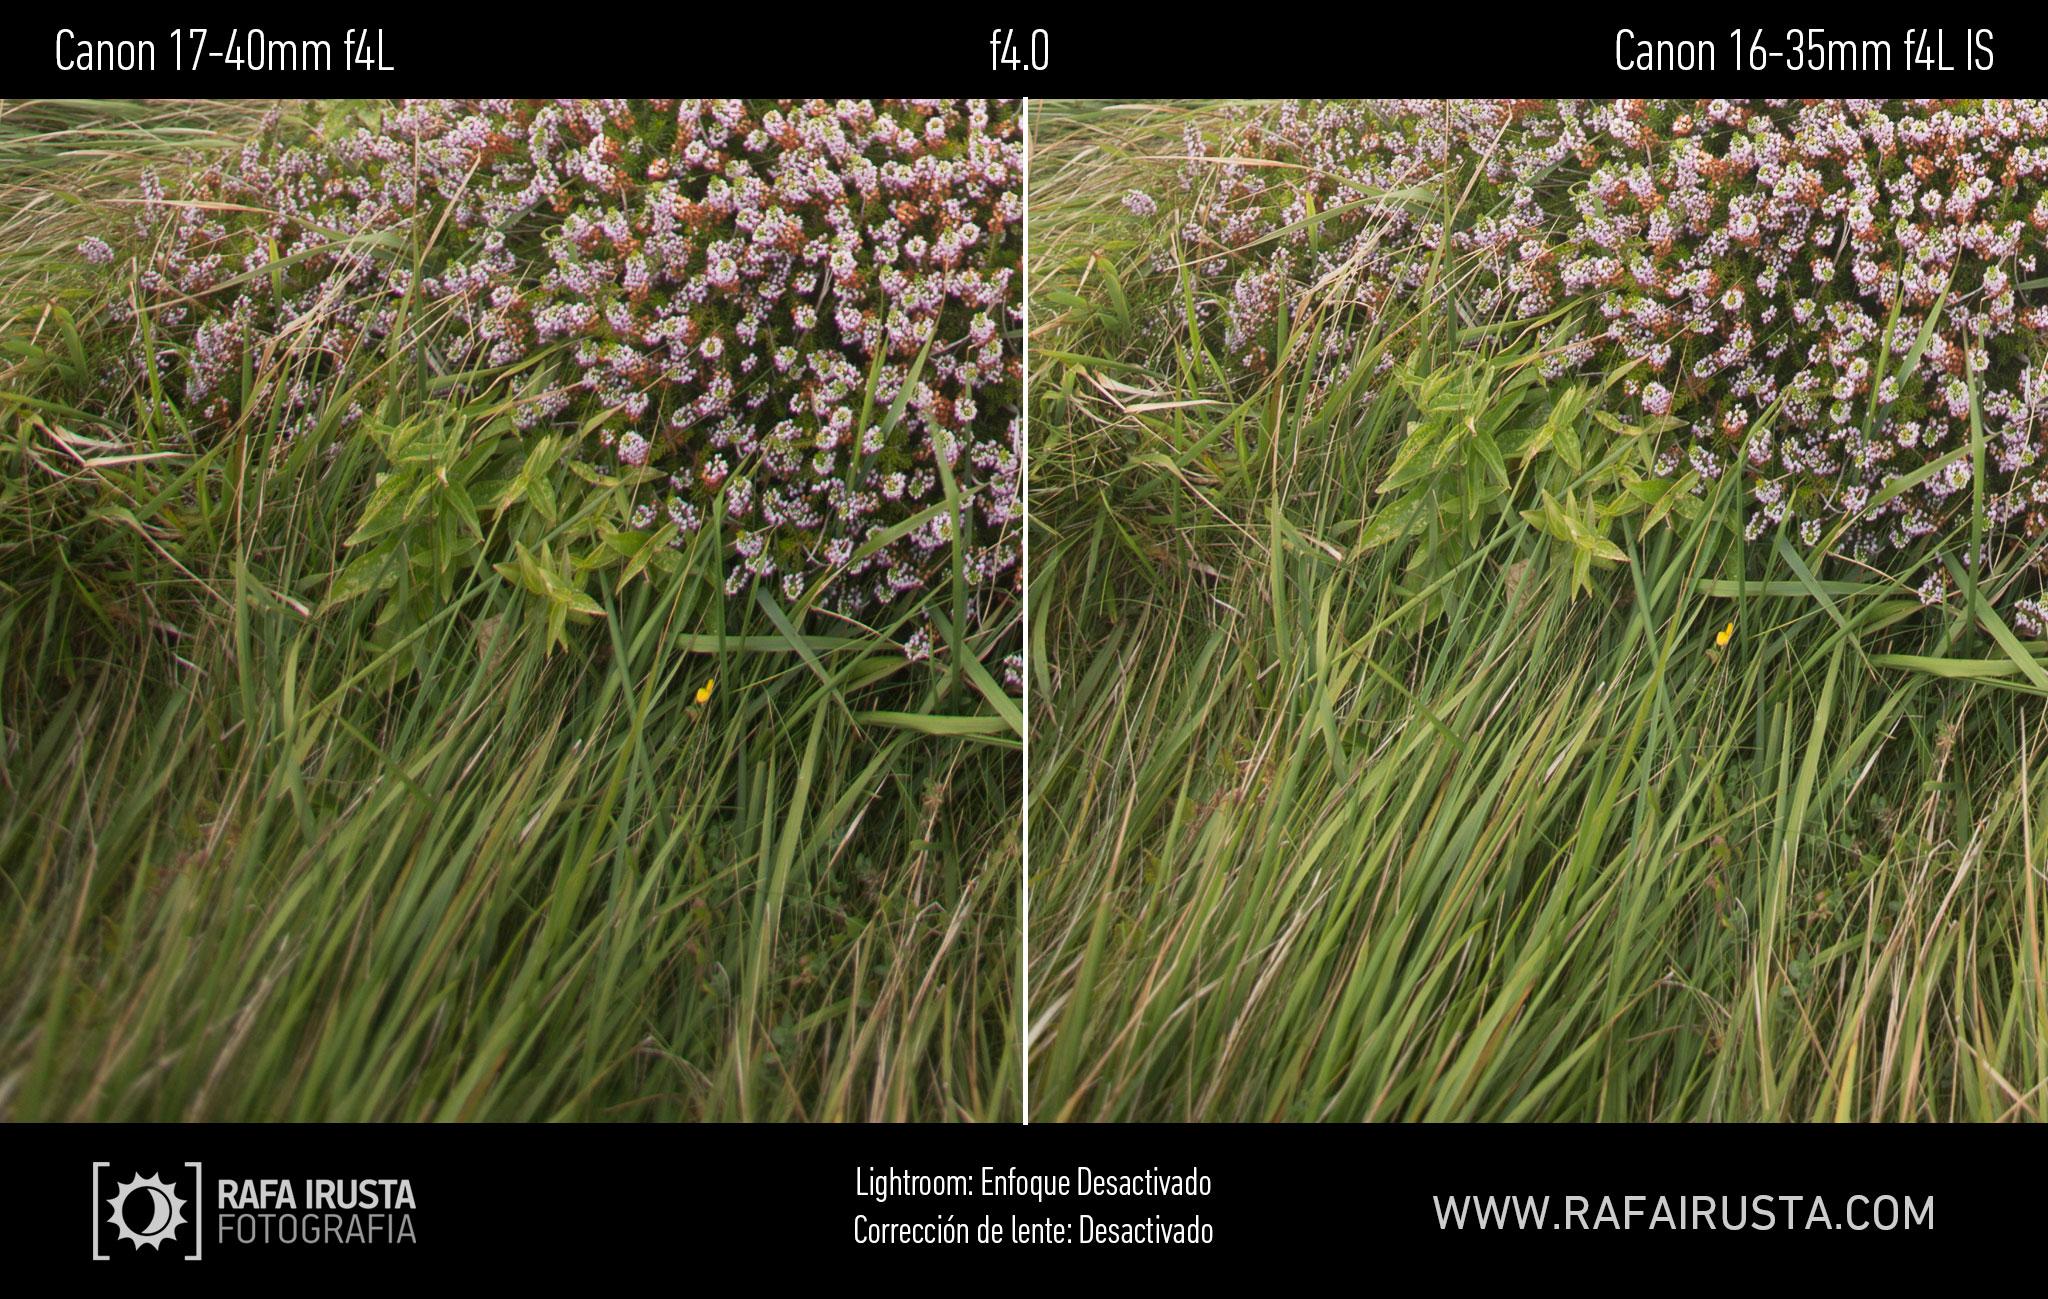 Prueba Canon 16-35mm f/4L IS, comparativa 17-40 vs 16-35 sin enfoque y sin ajuste de perfil, f4